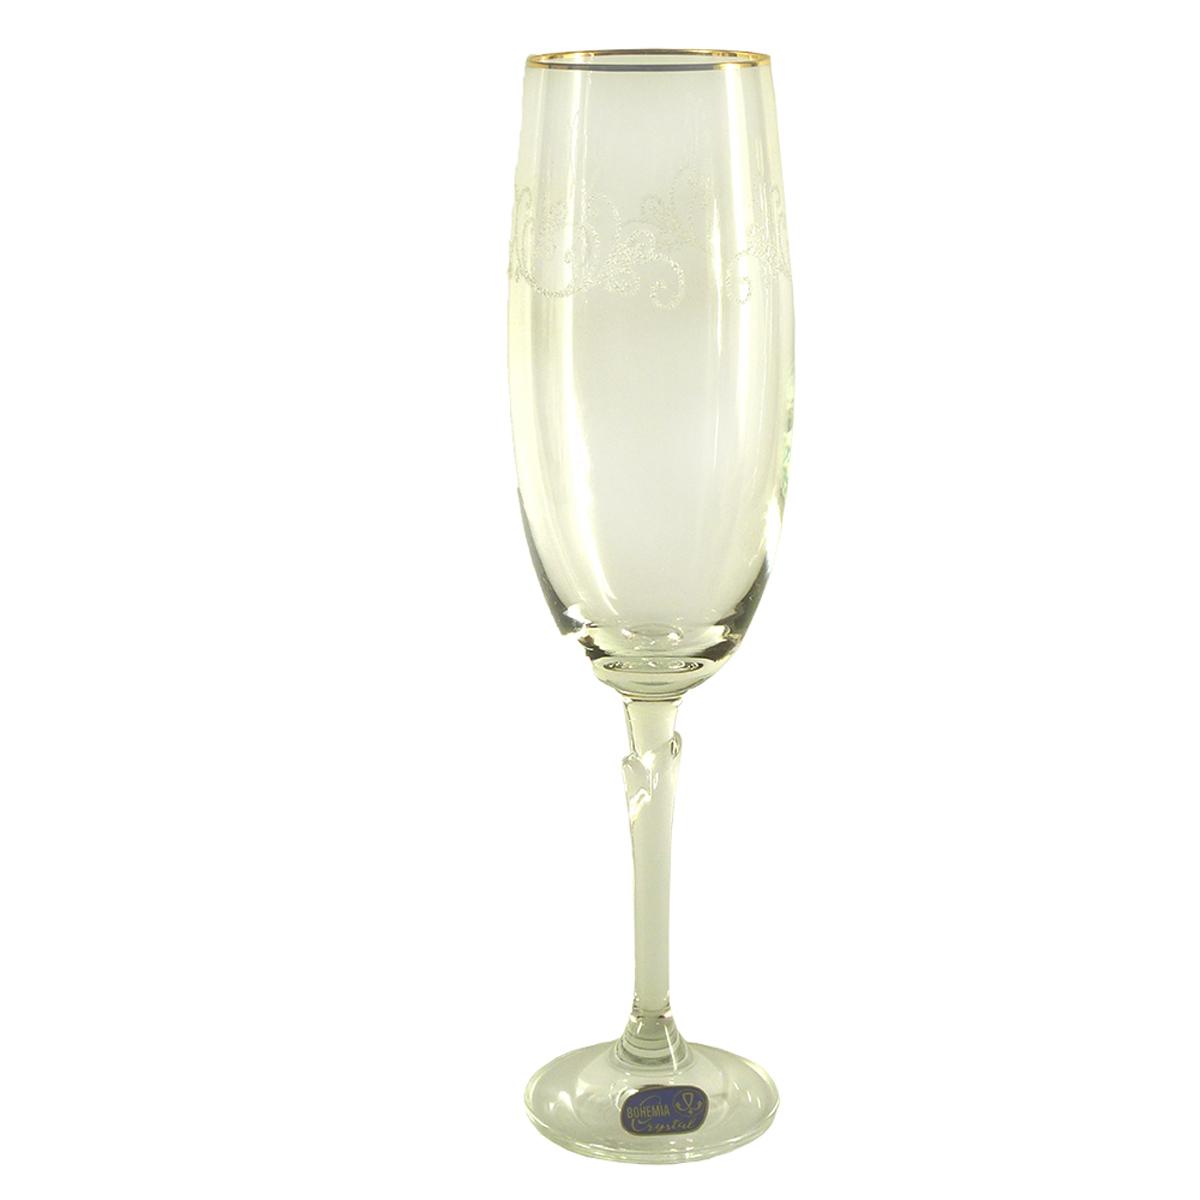 """Набор бокалов для шампанского Bohemia Crystal коллекции """"Бриджита"""" изготовлен из хрустального высококачественного богемского стекла, славящегося своим высоким качеством. Бокалы декорированы золотой отводкой и узором """"Кружева"""" и выполнены на ножке с дизайном в виде стебля растения. Коллекция """"Бриджита"""" - это изысканный дизайн для особенной сервировки стола. Объем бокала 190 мл. Количество в упаковке 6 шт."""